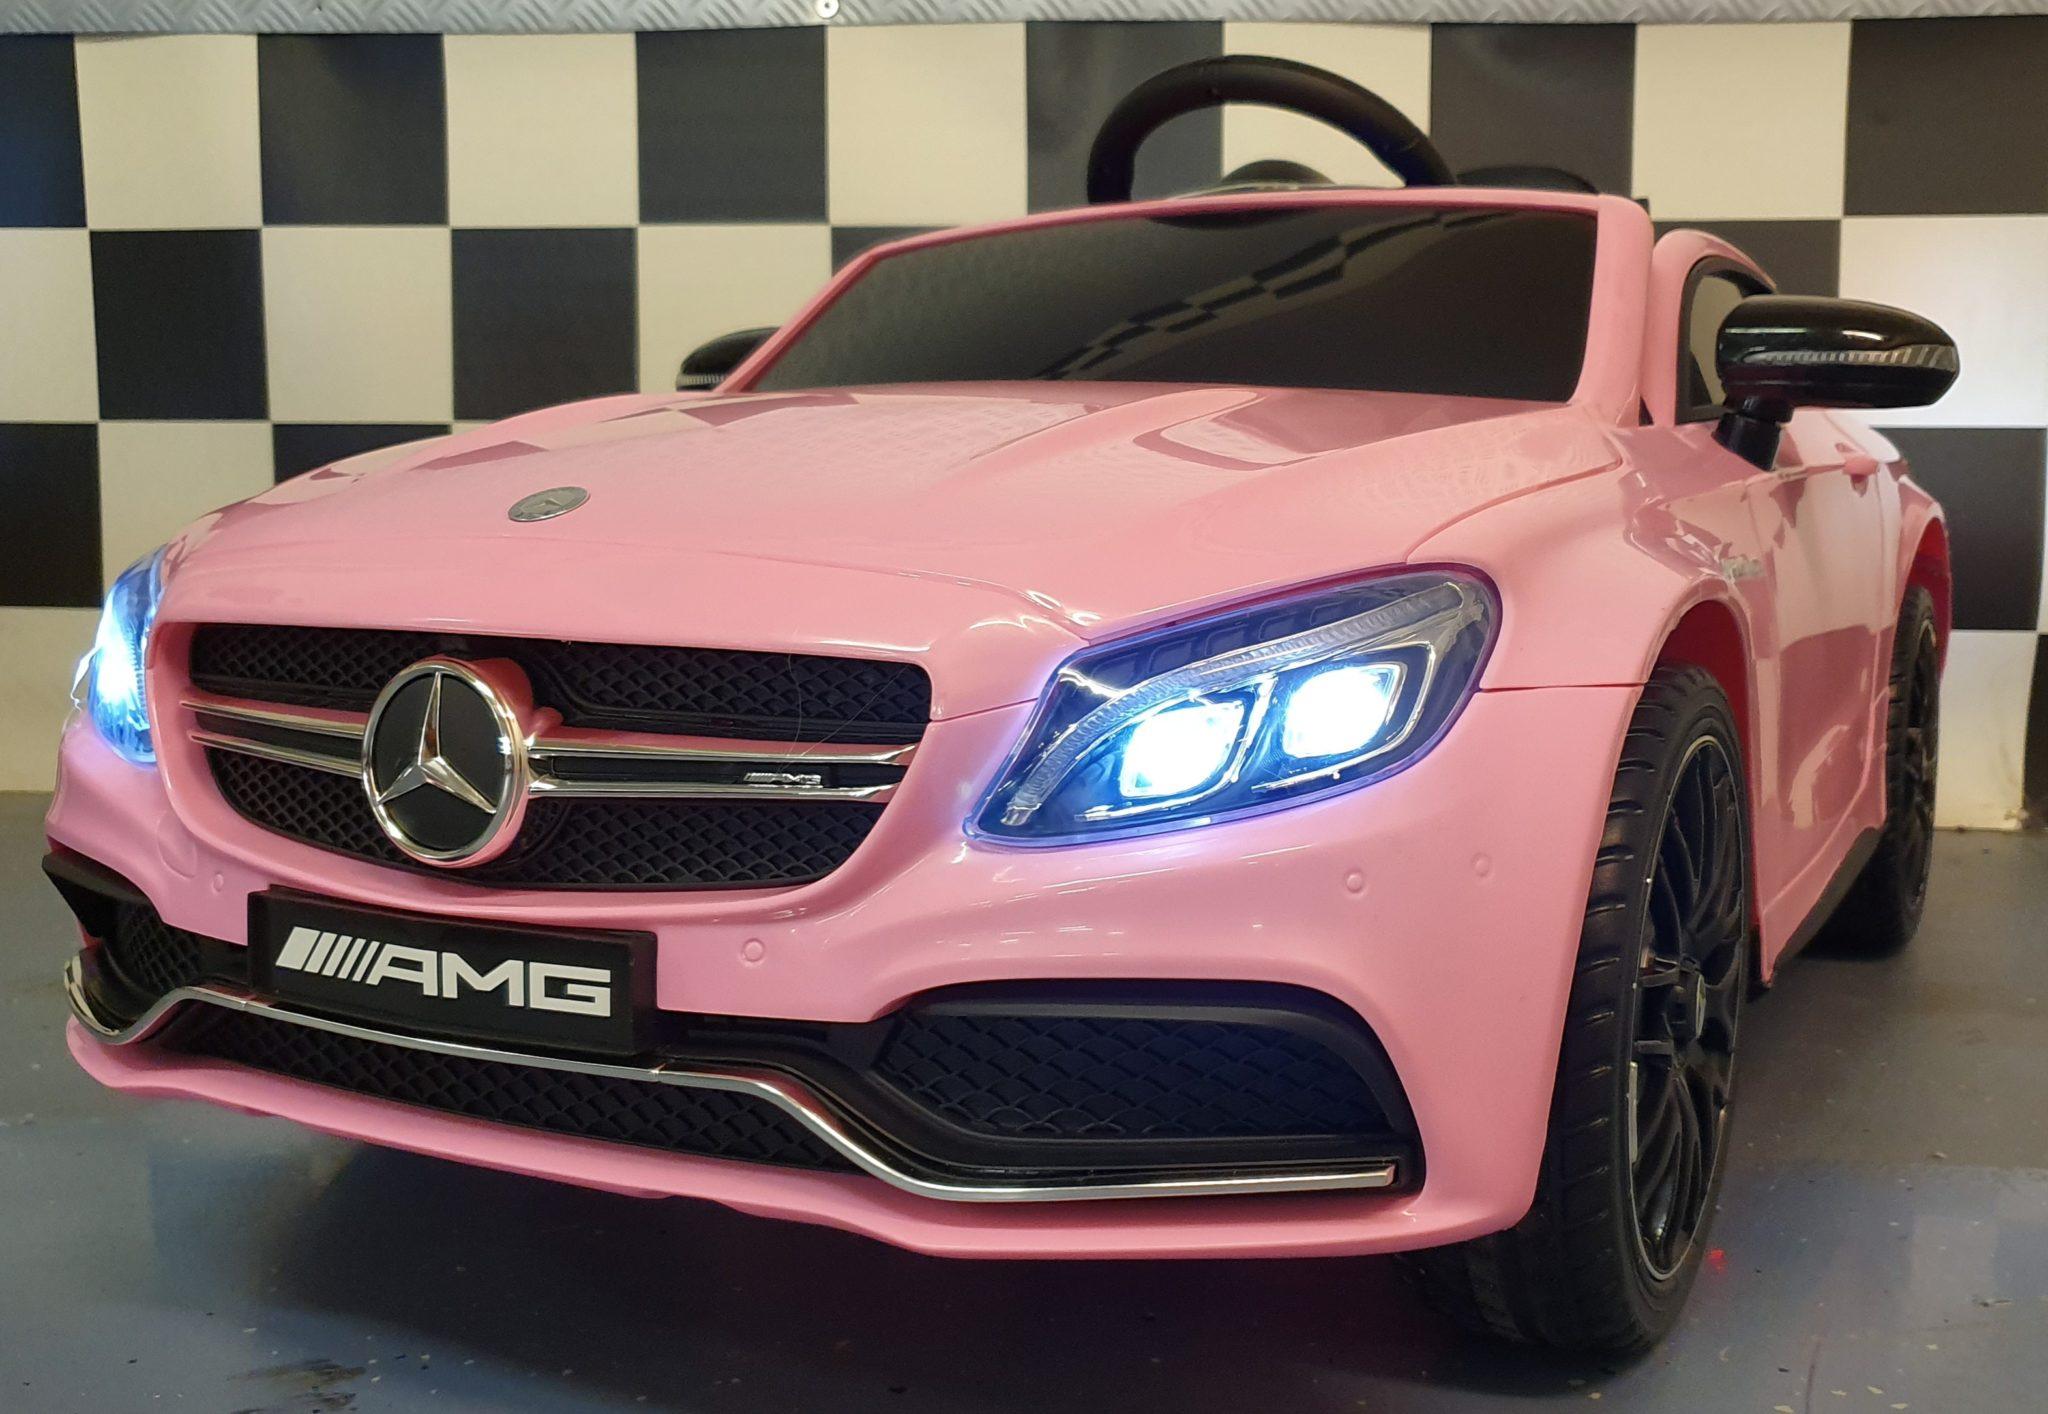 Kinderauto Mercedes C63 12 volt, 2.4G afstandbediening roze